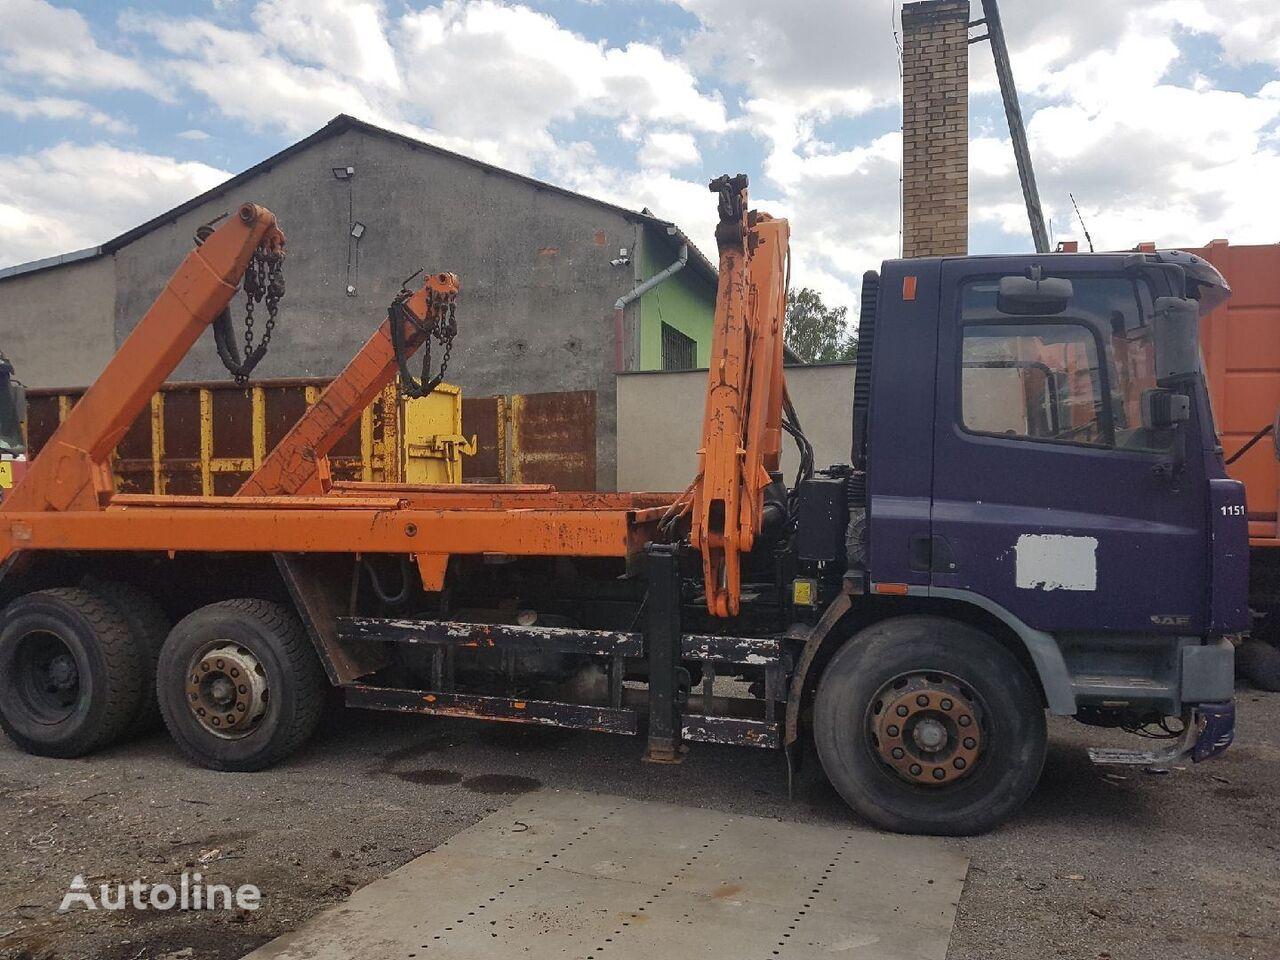 DAF CF 75 300 skip loader truck